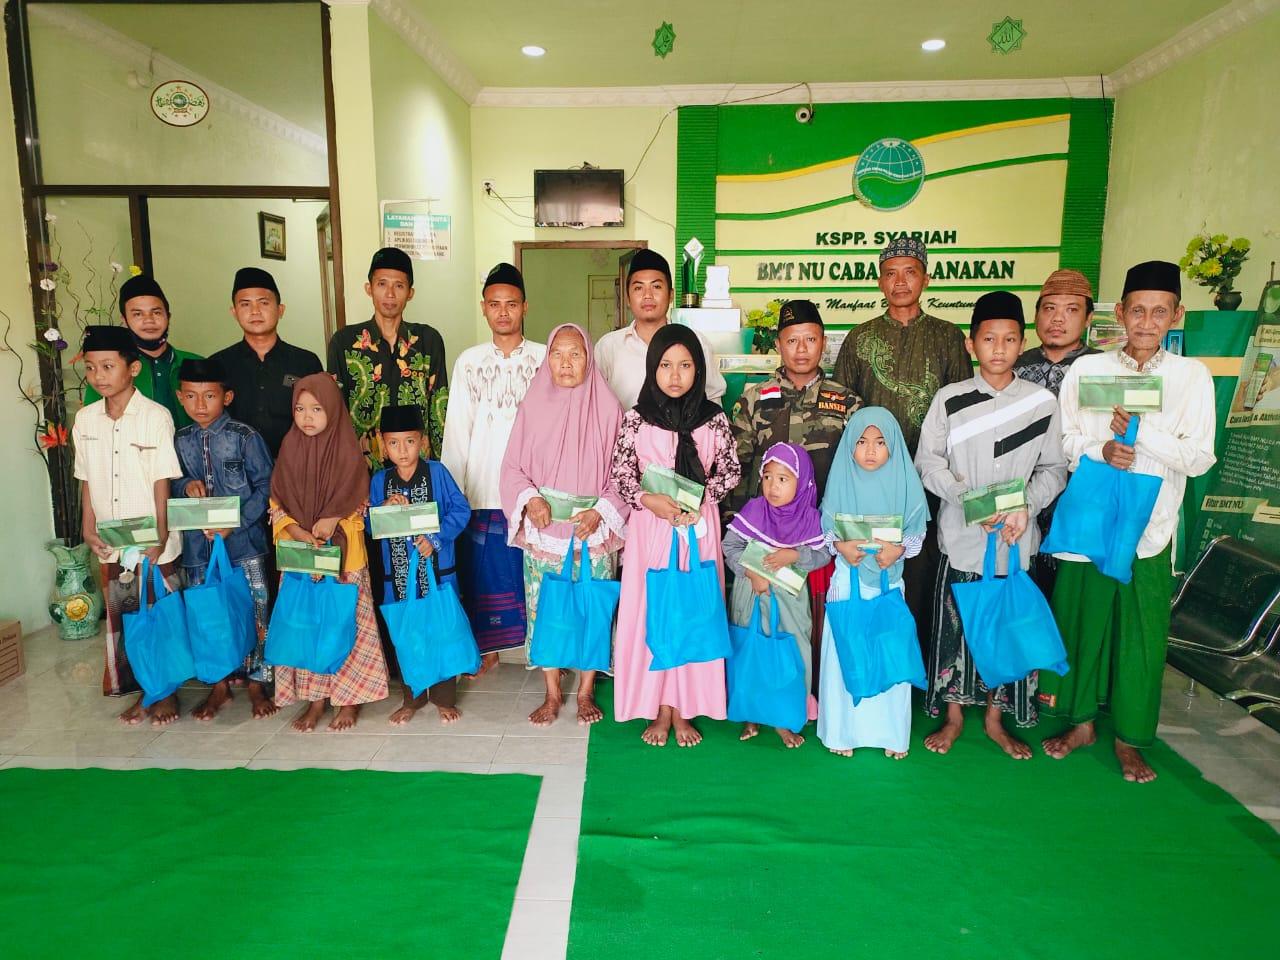 Ramadhan Berkah, MWC NU Tlanakan Bersama BMT NU Cabang Santuni Puluhan Anak Yatim-piatu